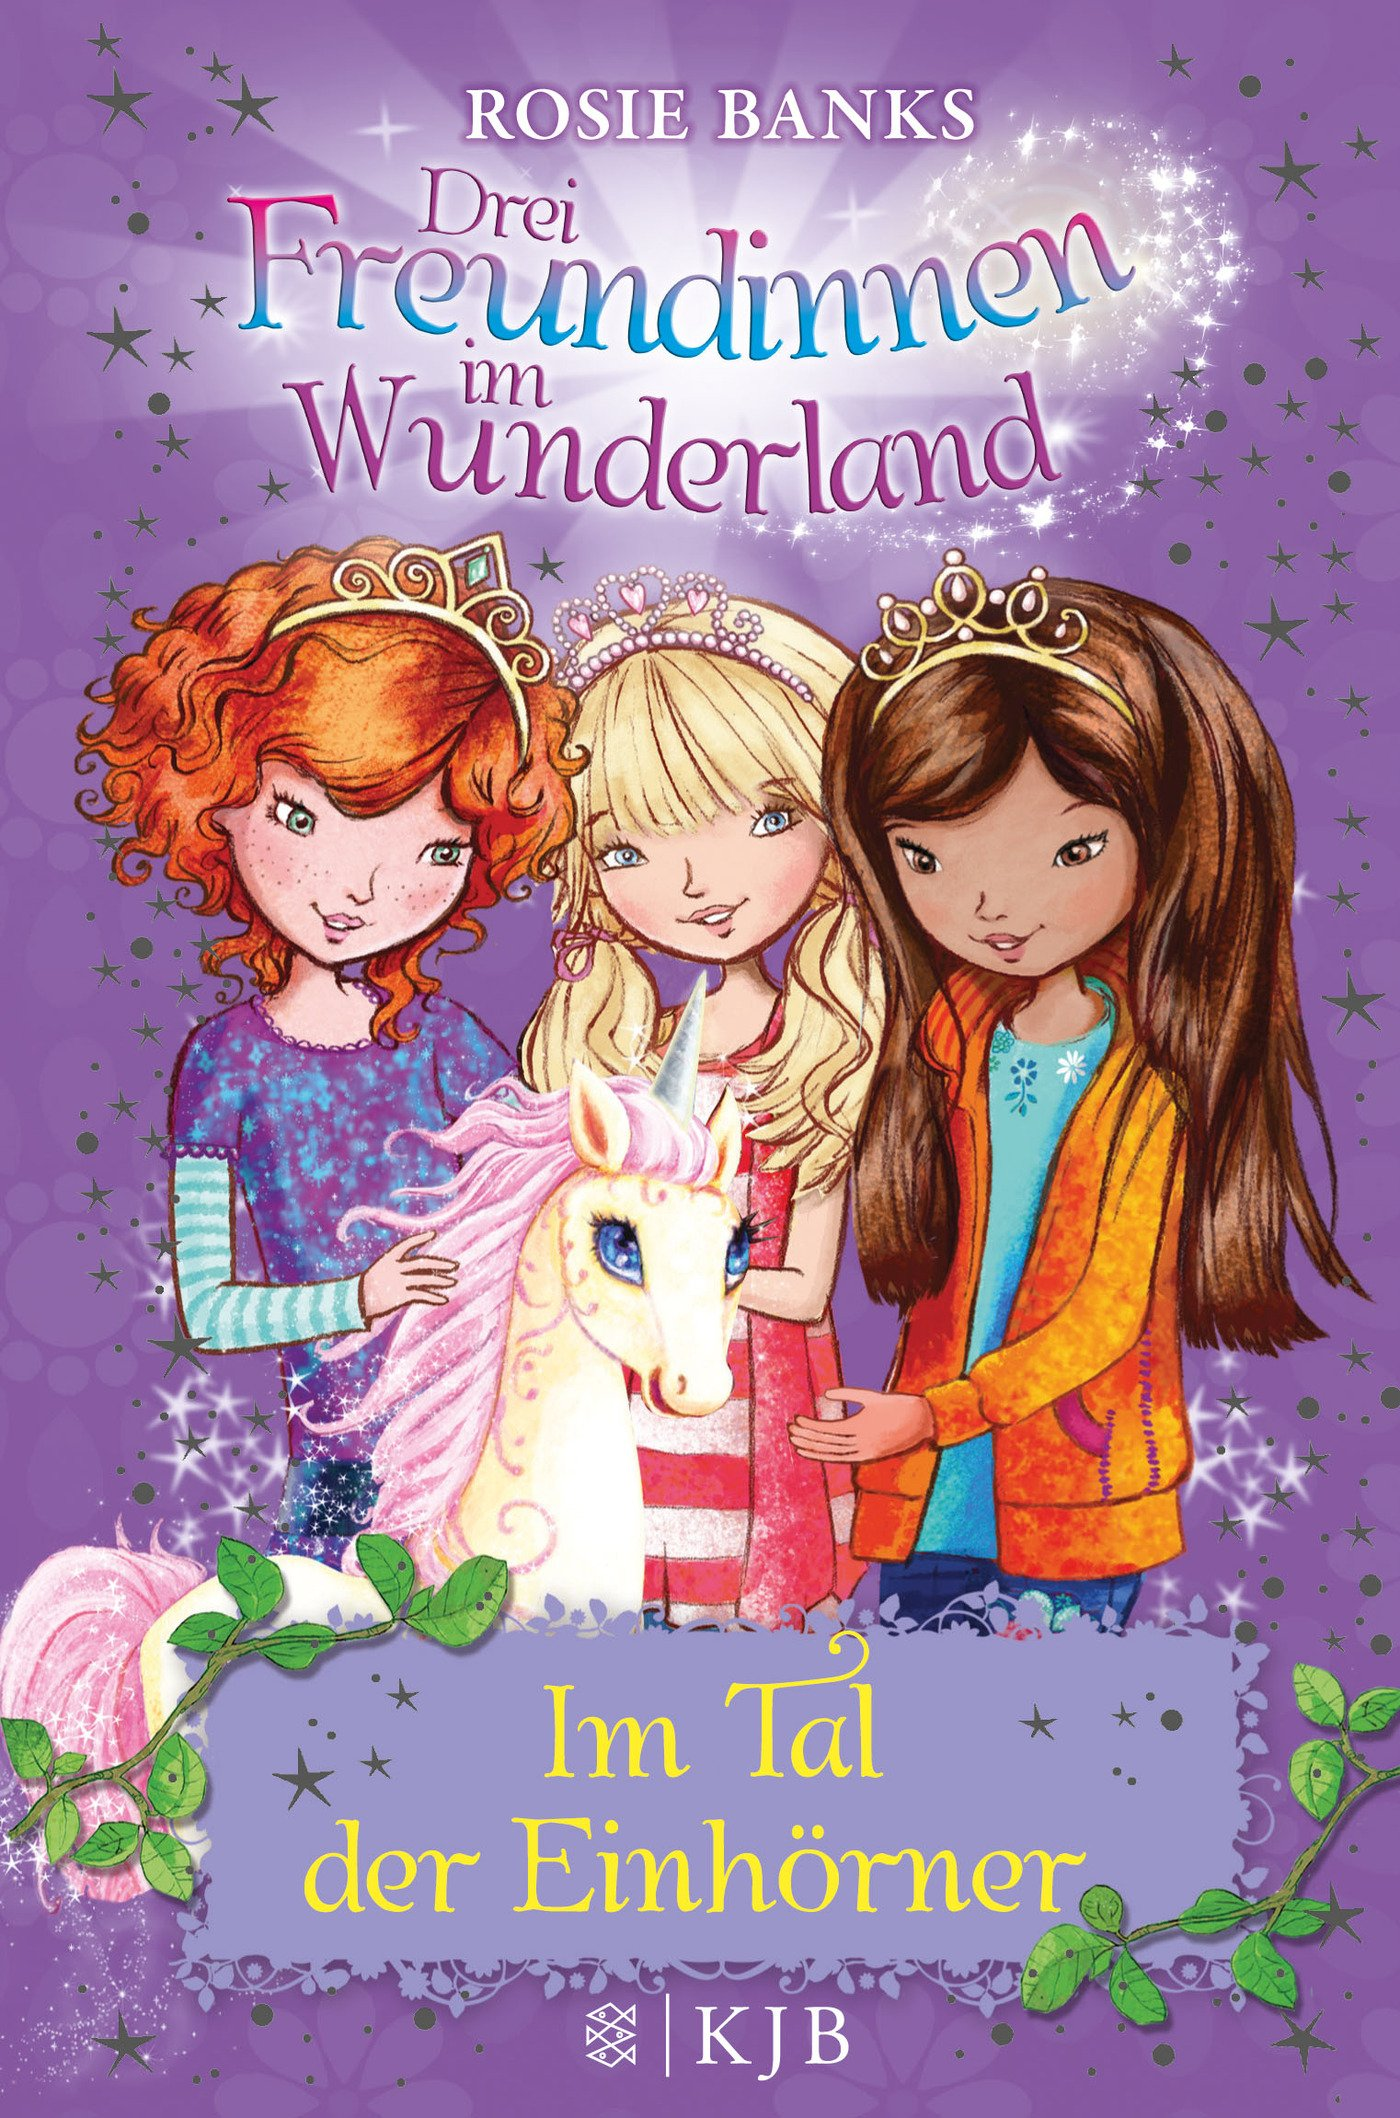 Drei Freundinnen im Wunderland 02 Im Tal der Einhörner Amazon Rosie Banks Angelika Eisold Viebig Bücher